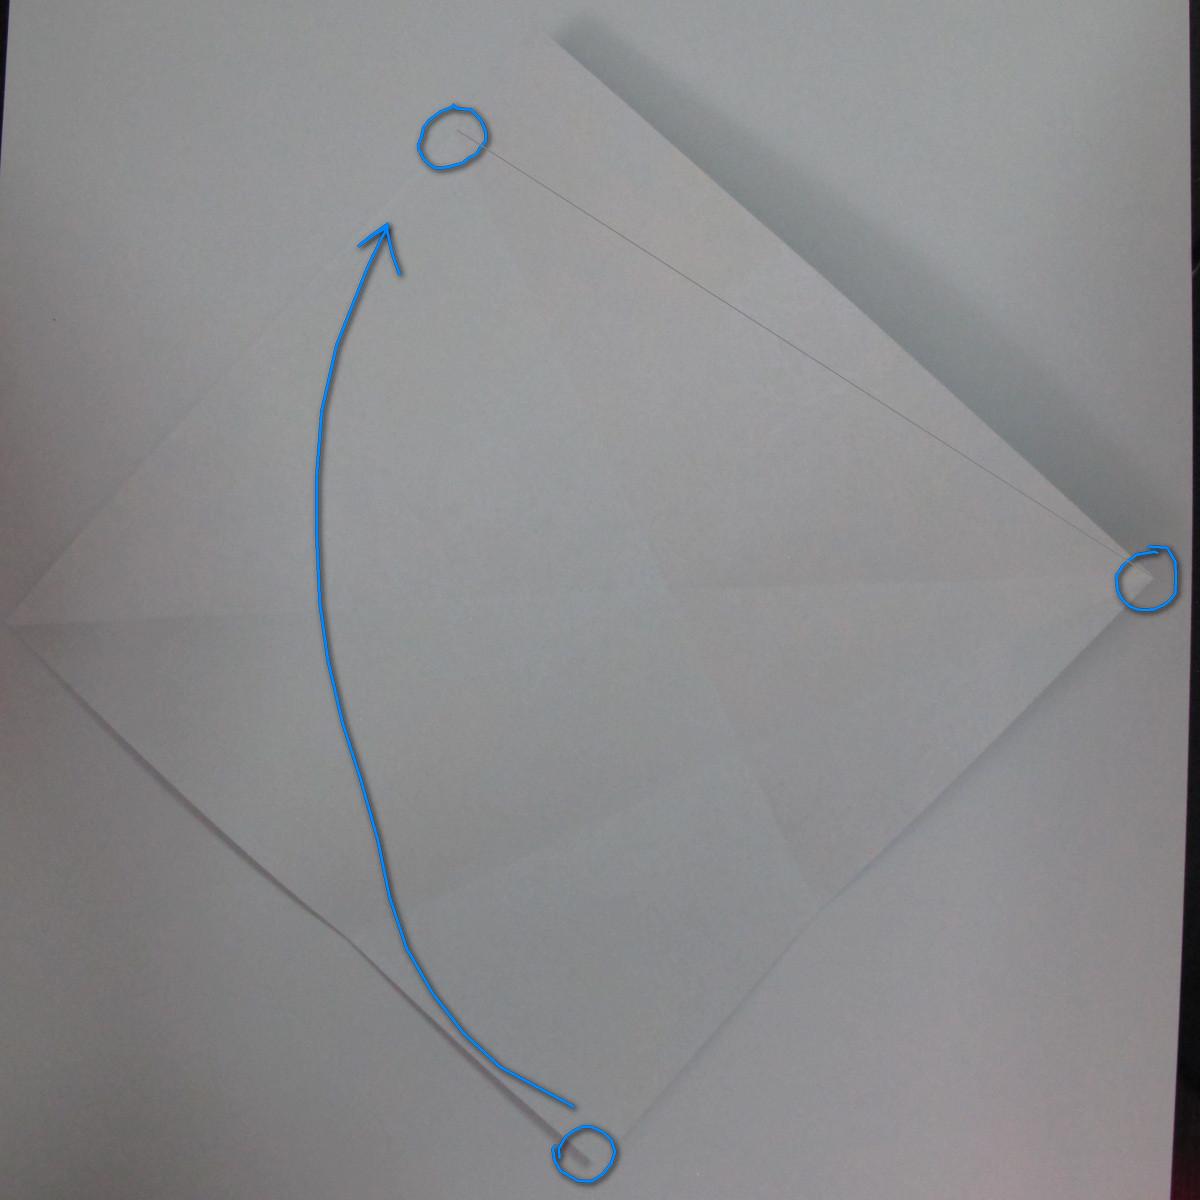 วิธีการพับกระดาษเป็นรูปม้า (Origami Horse) 007